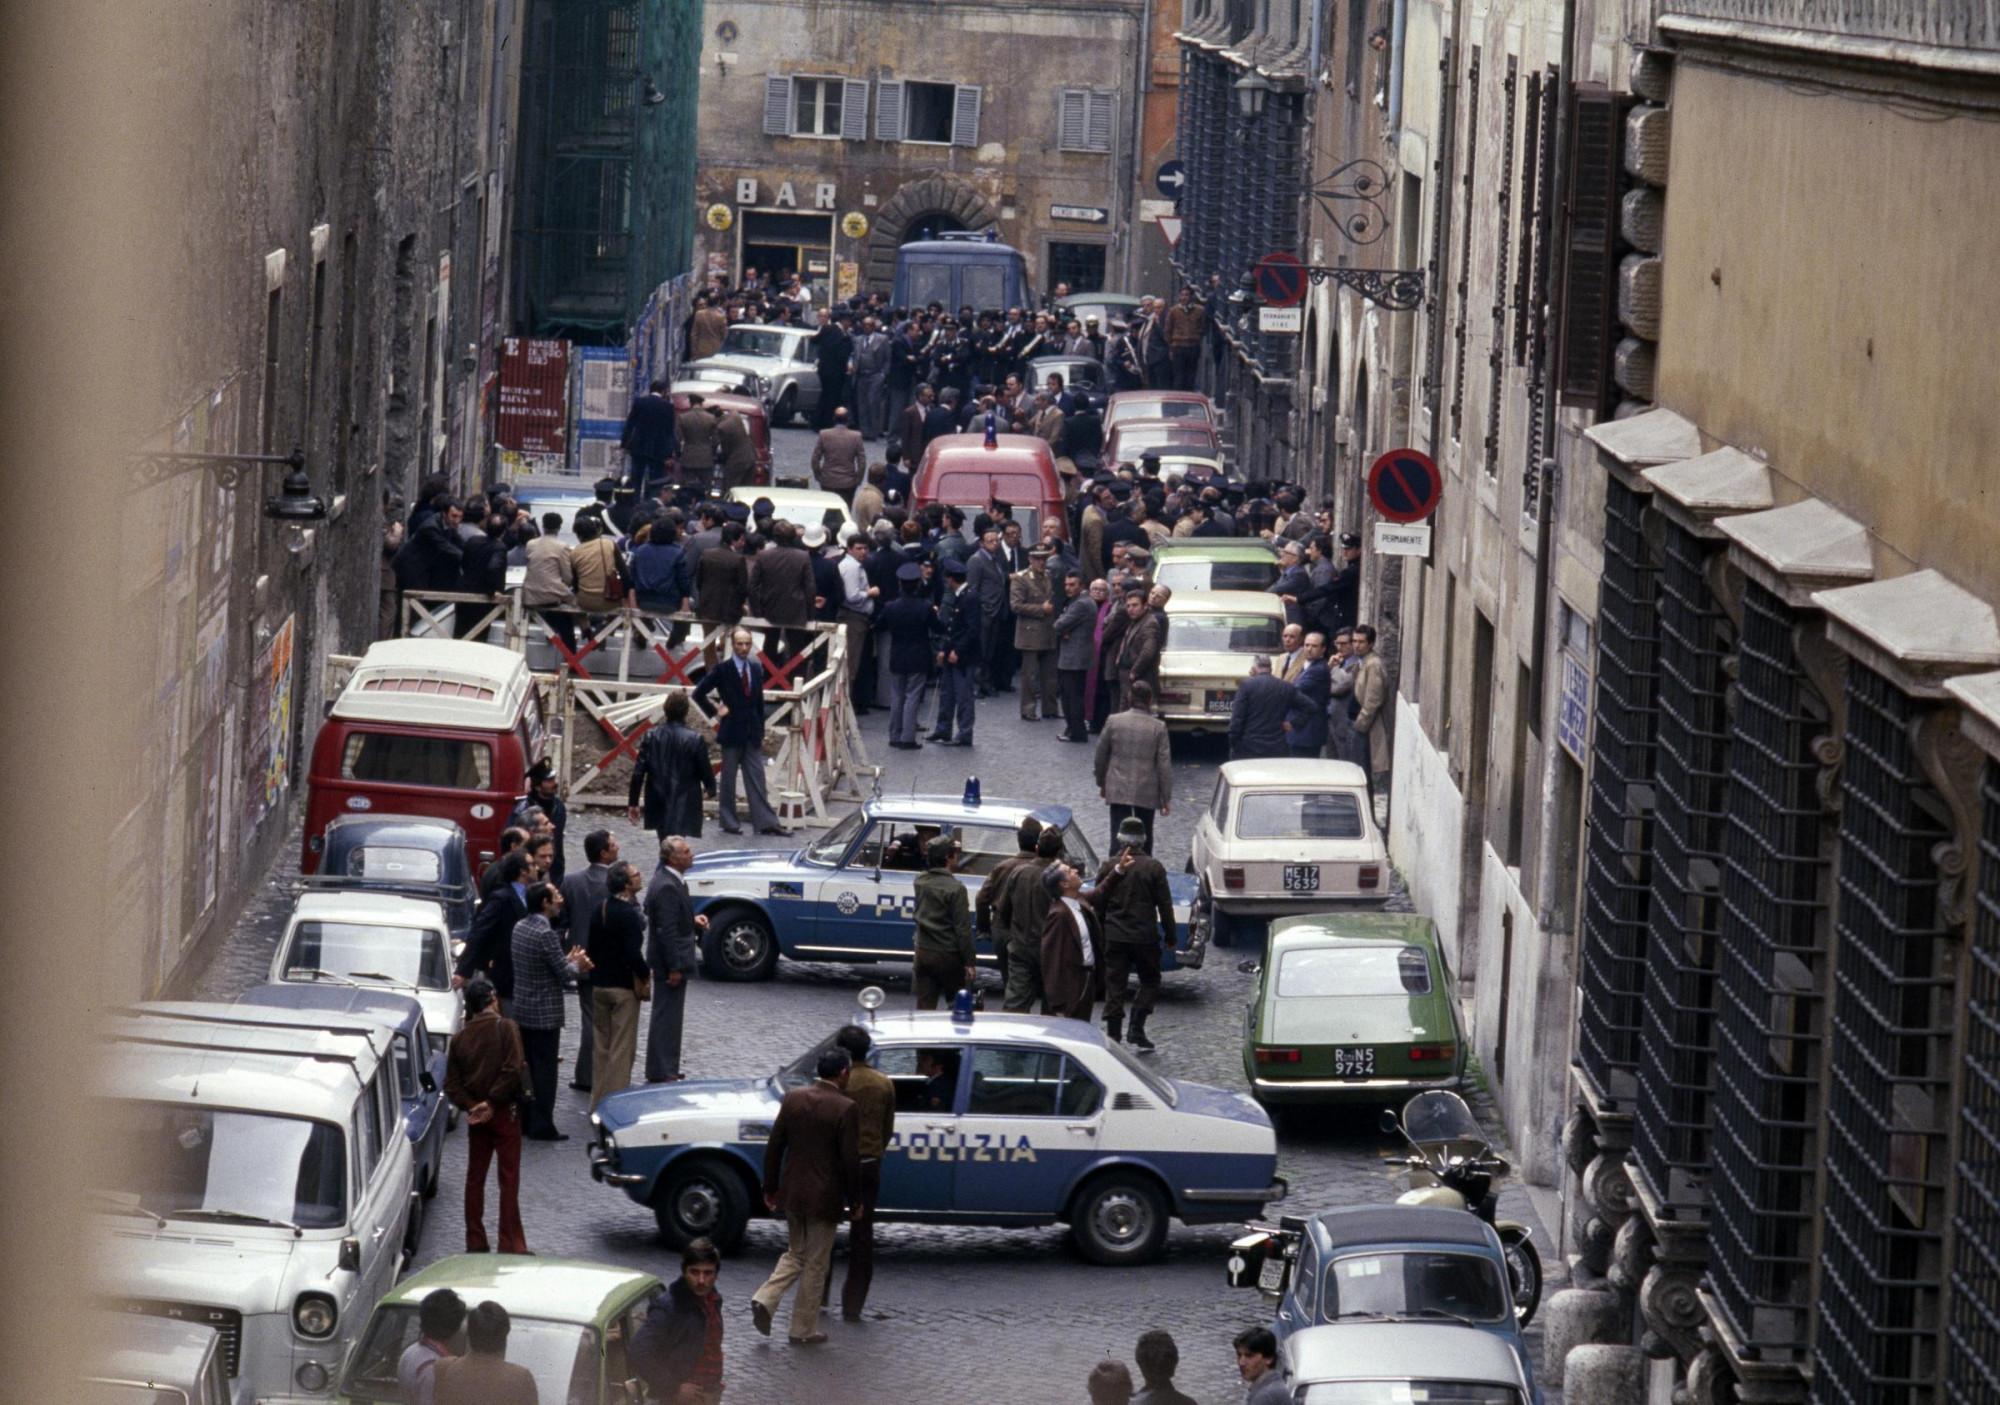 aldo-moro-9 maggio 1978 Найдено тело Альдо Моро